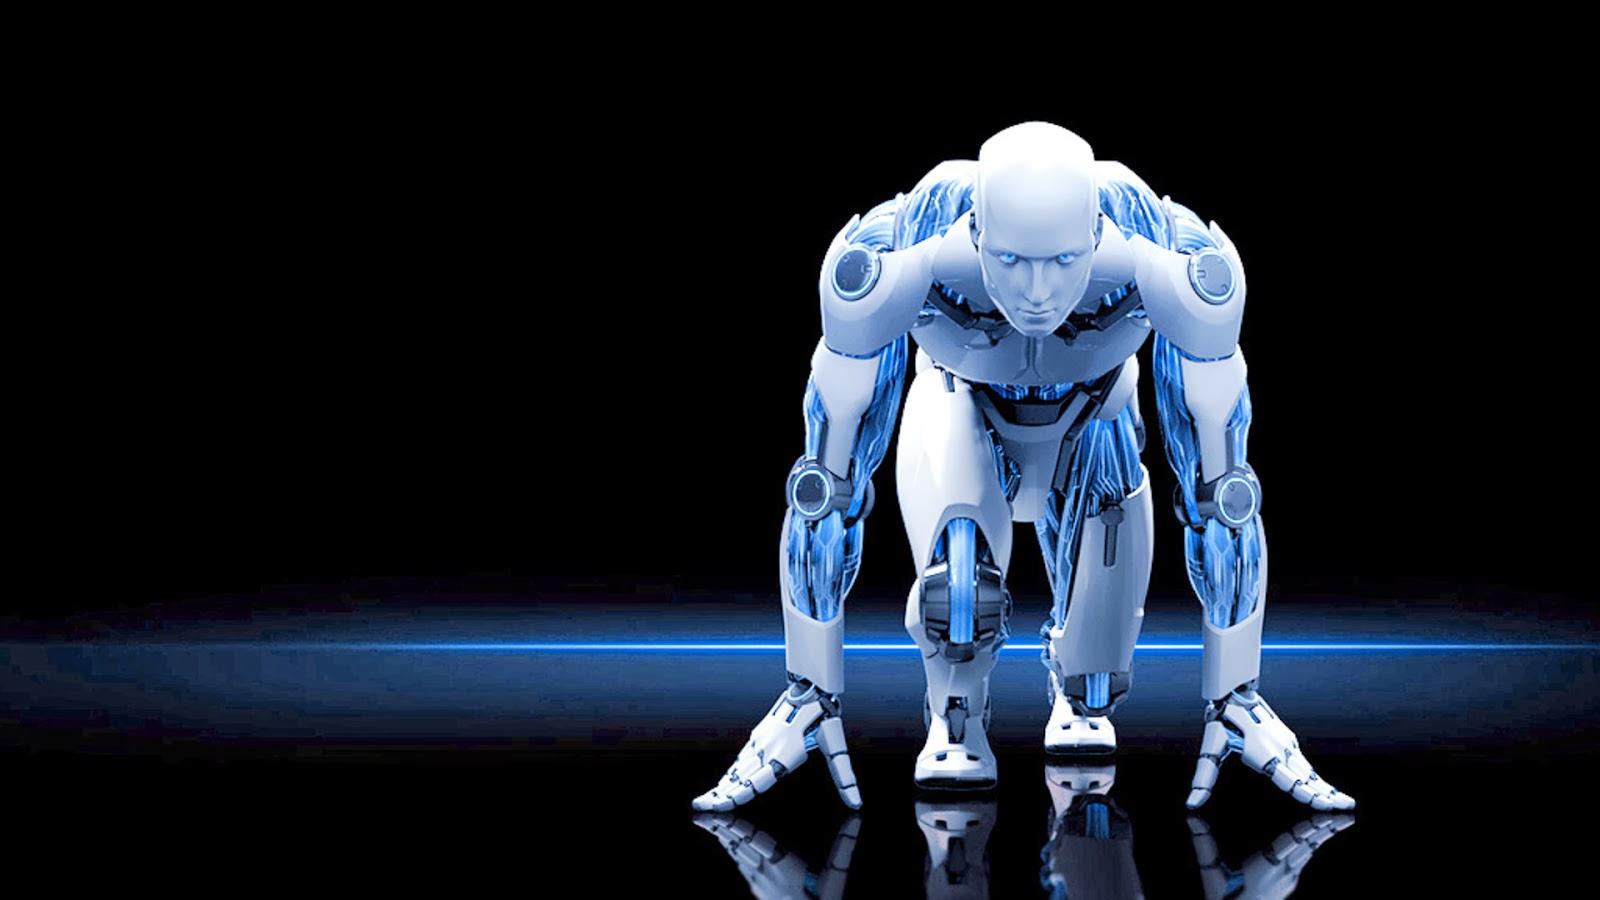 Ճապոնիայի վարչապետը մտադիր է 2020 թվականին «Ռոբոտների Օլիմպիական խաղեր» անցկացնել